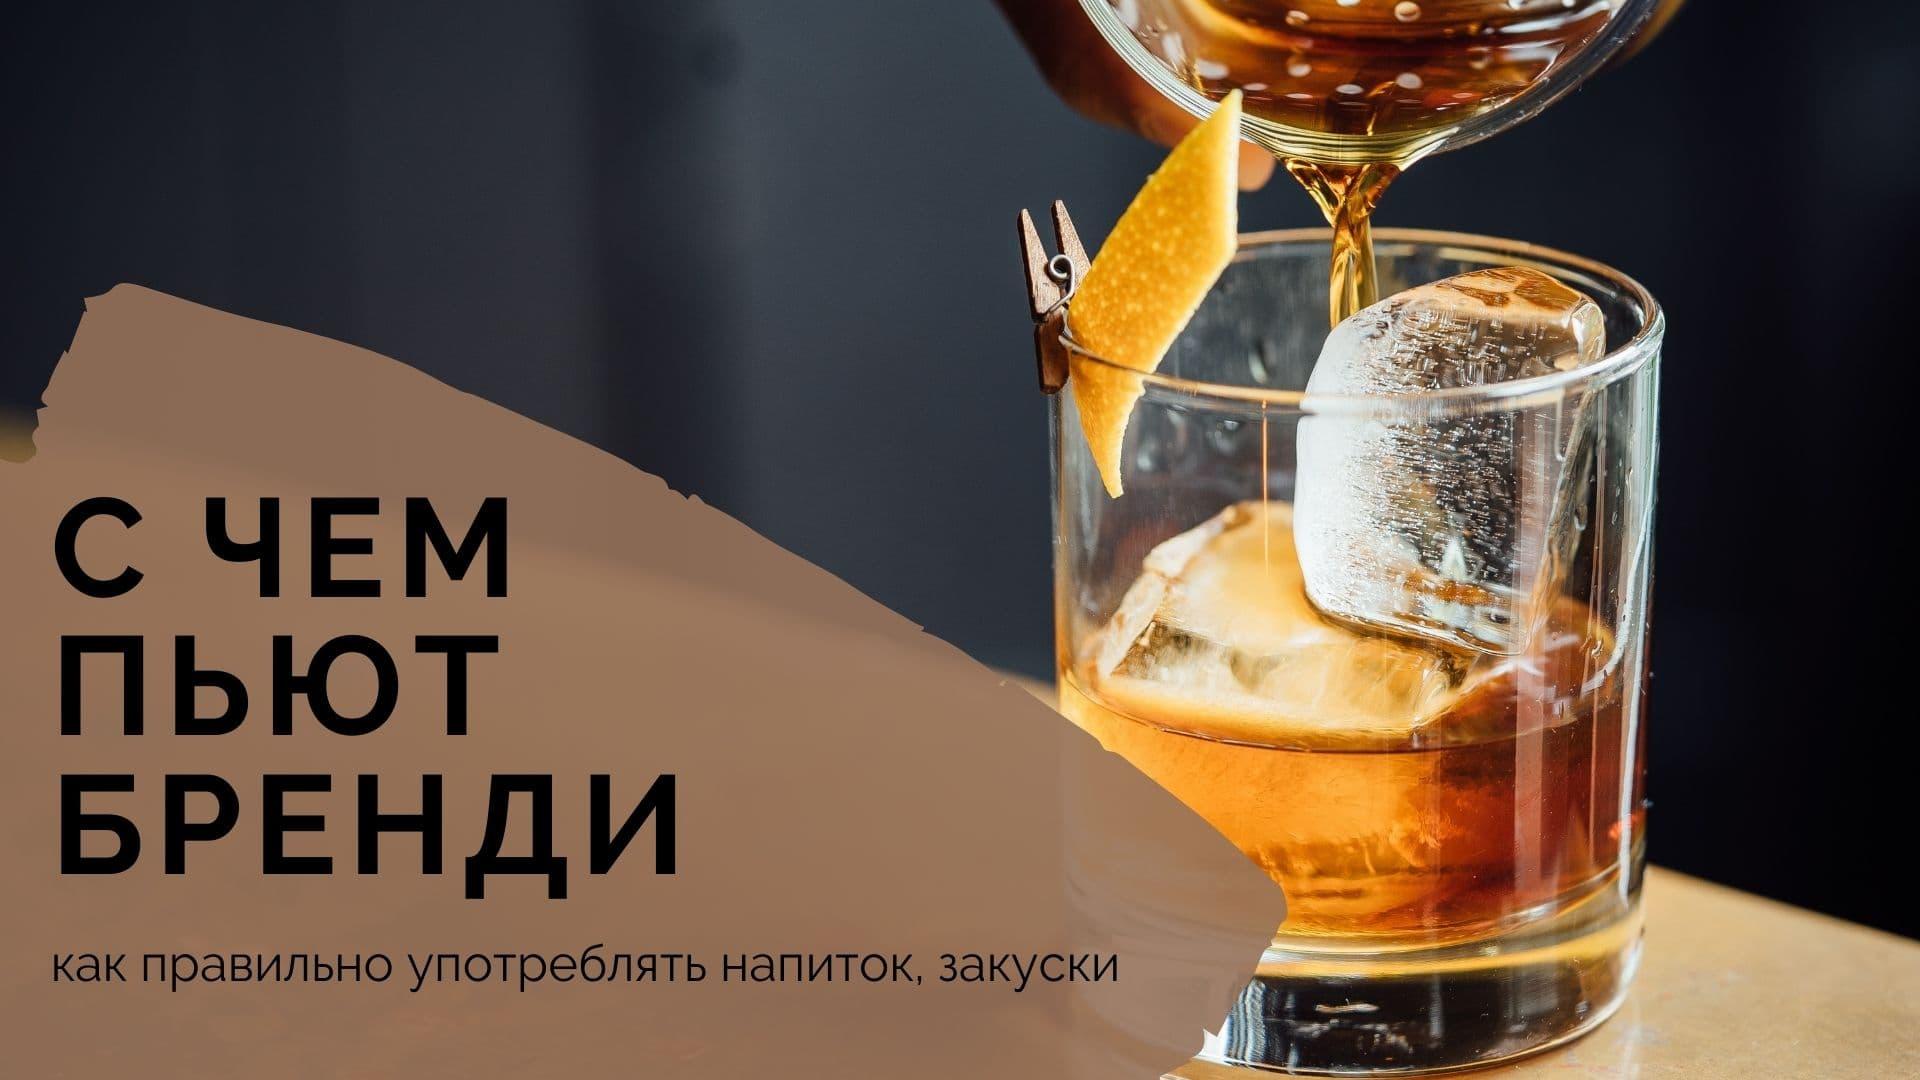 С чем пьют бренди: как правильно употреблять напиток, закуски